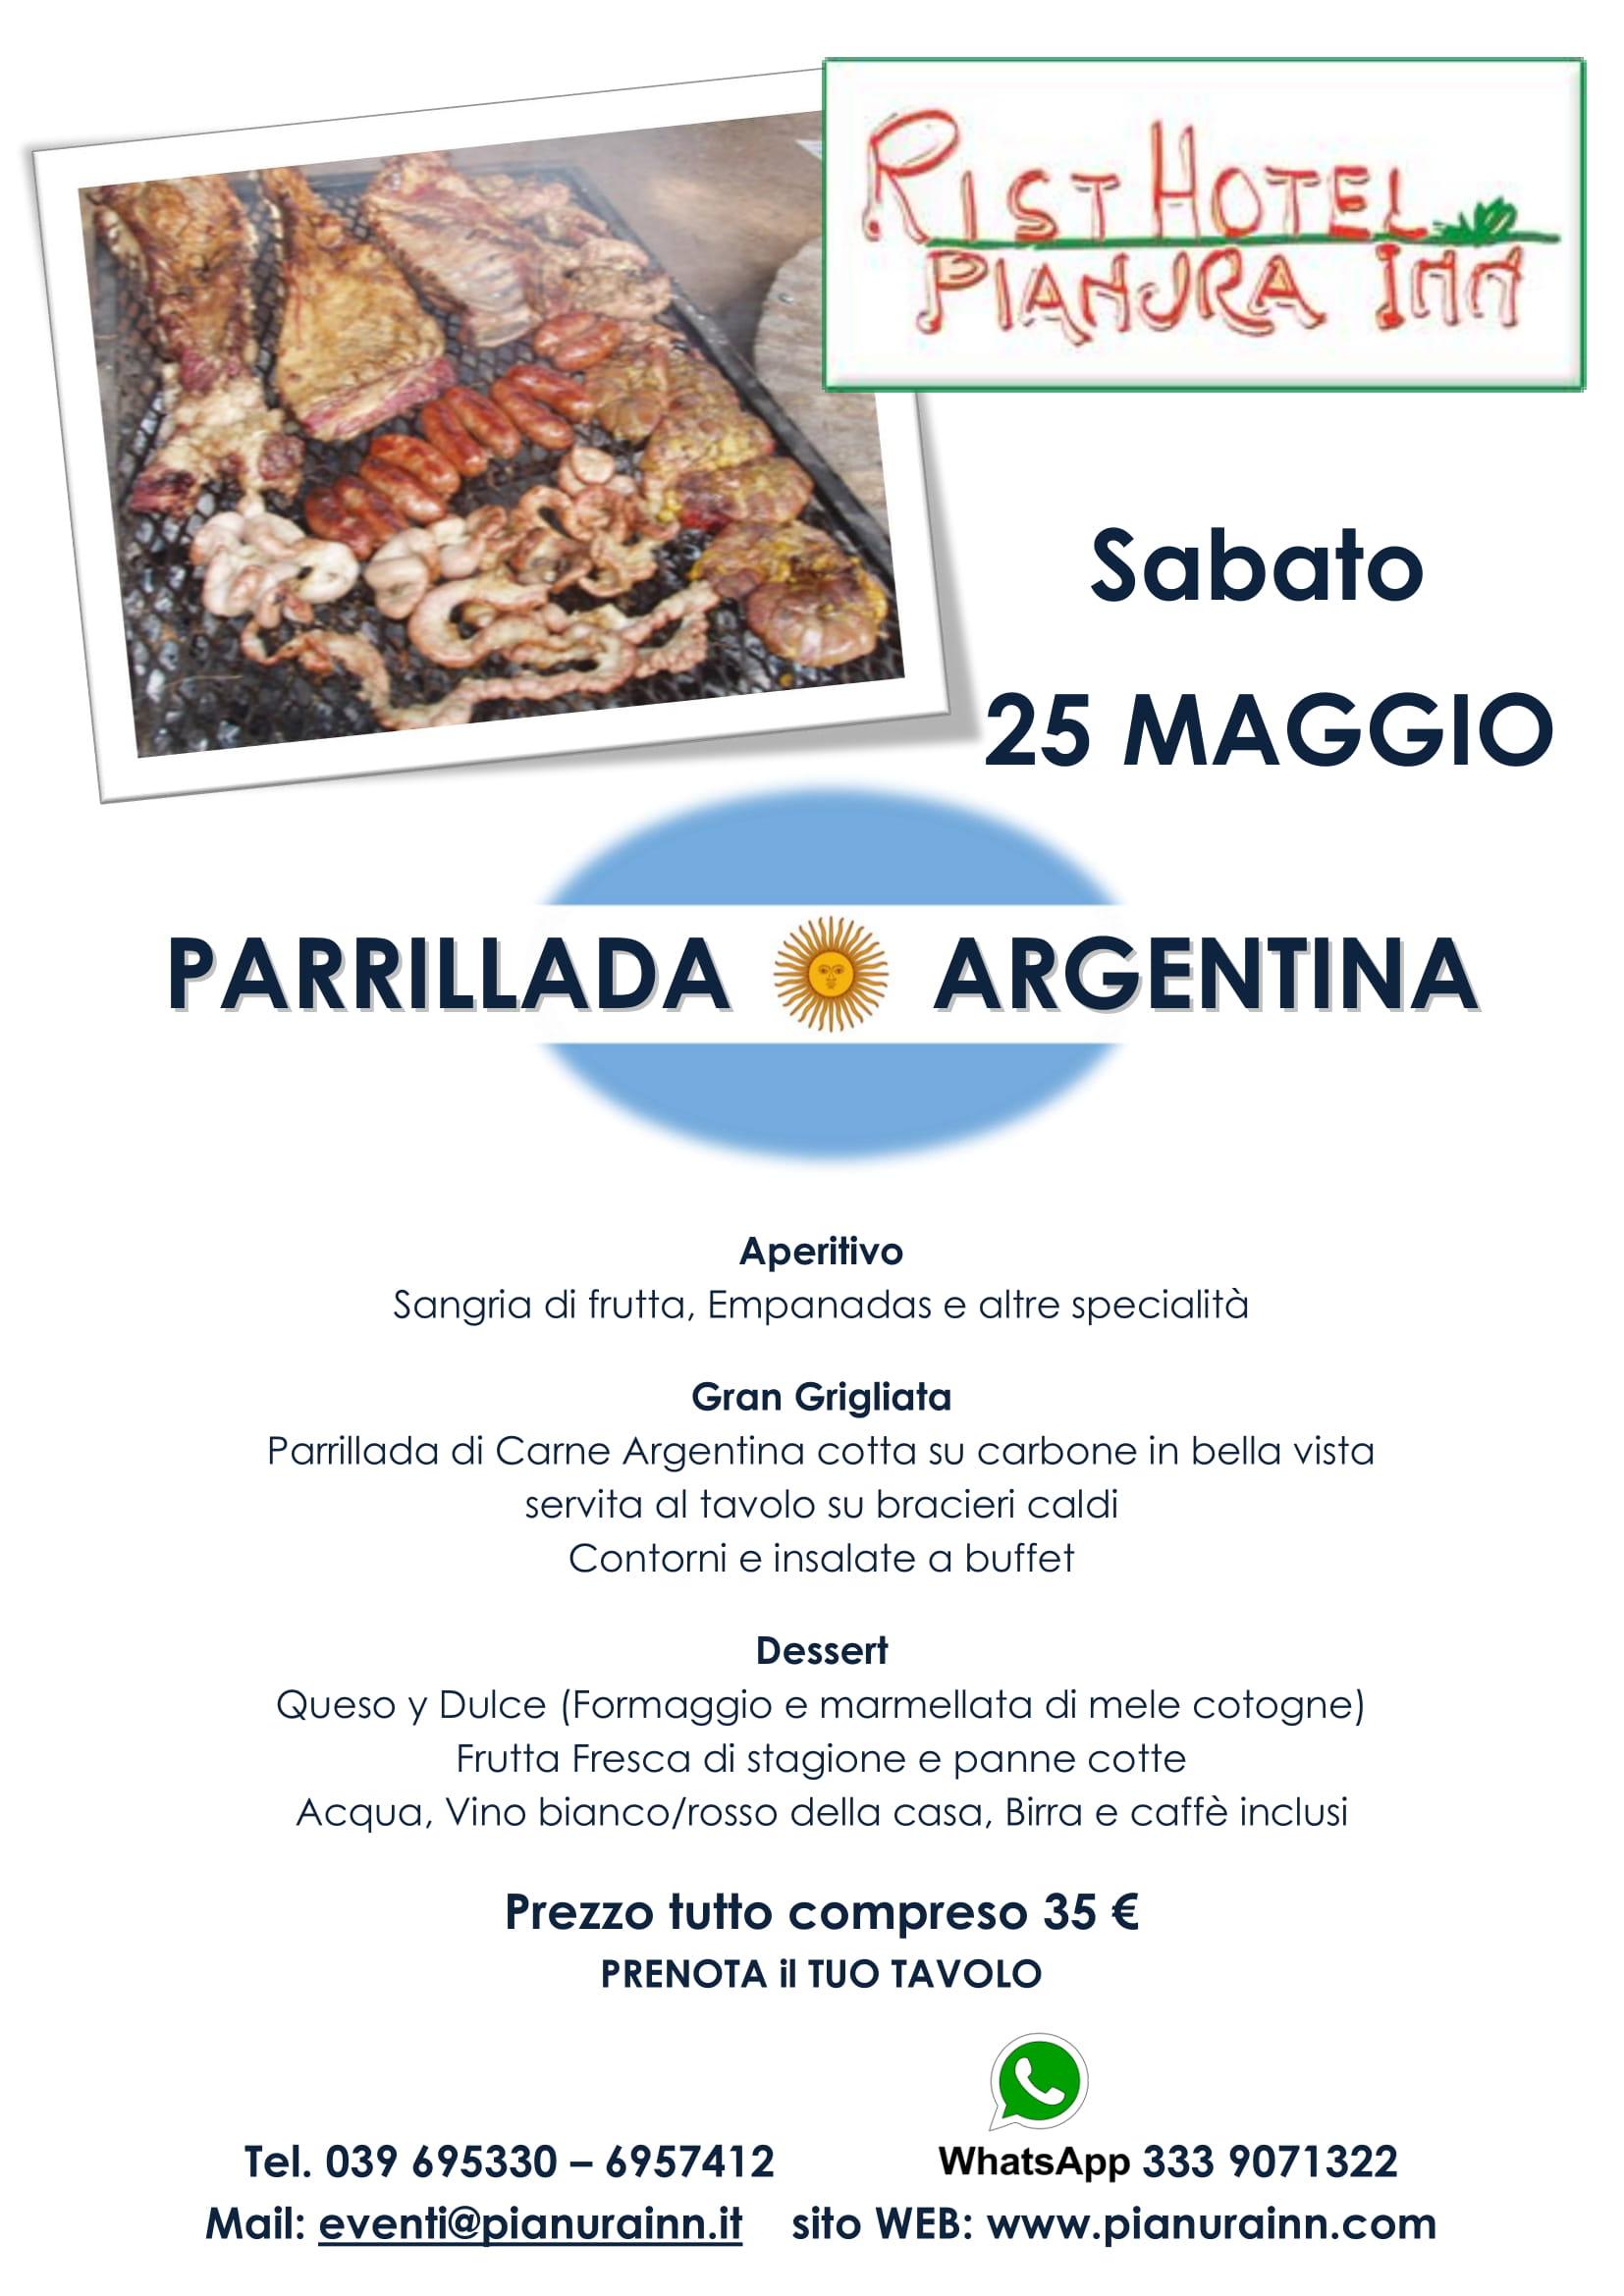 grigliata argentina